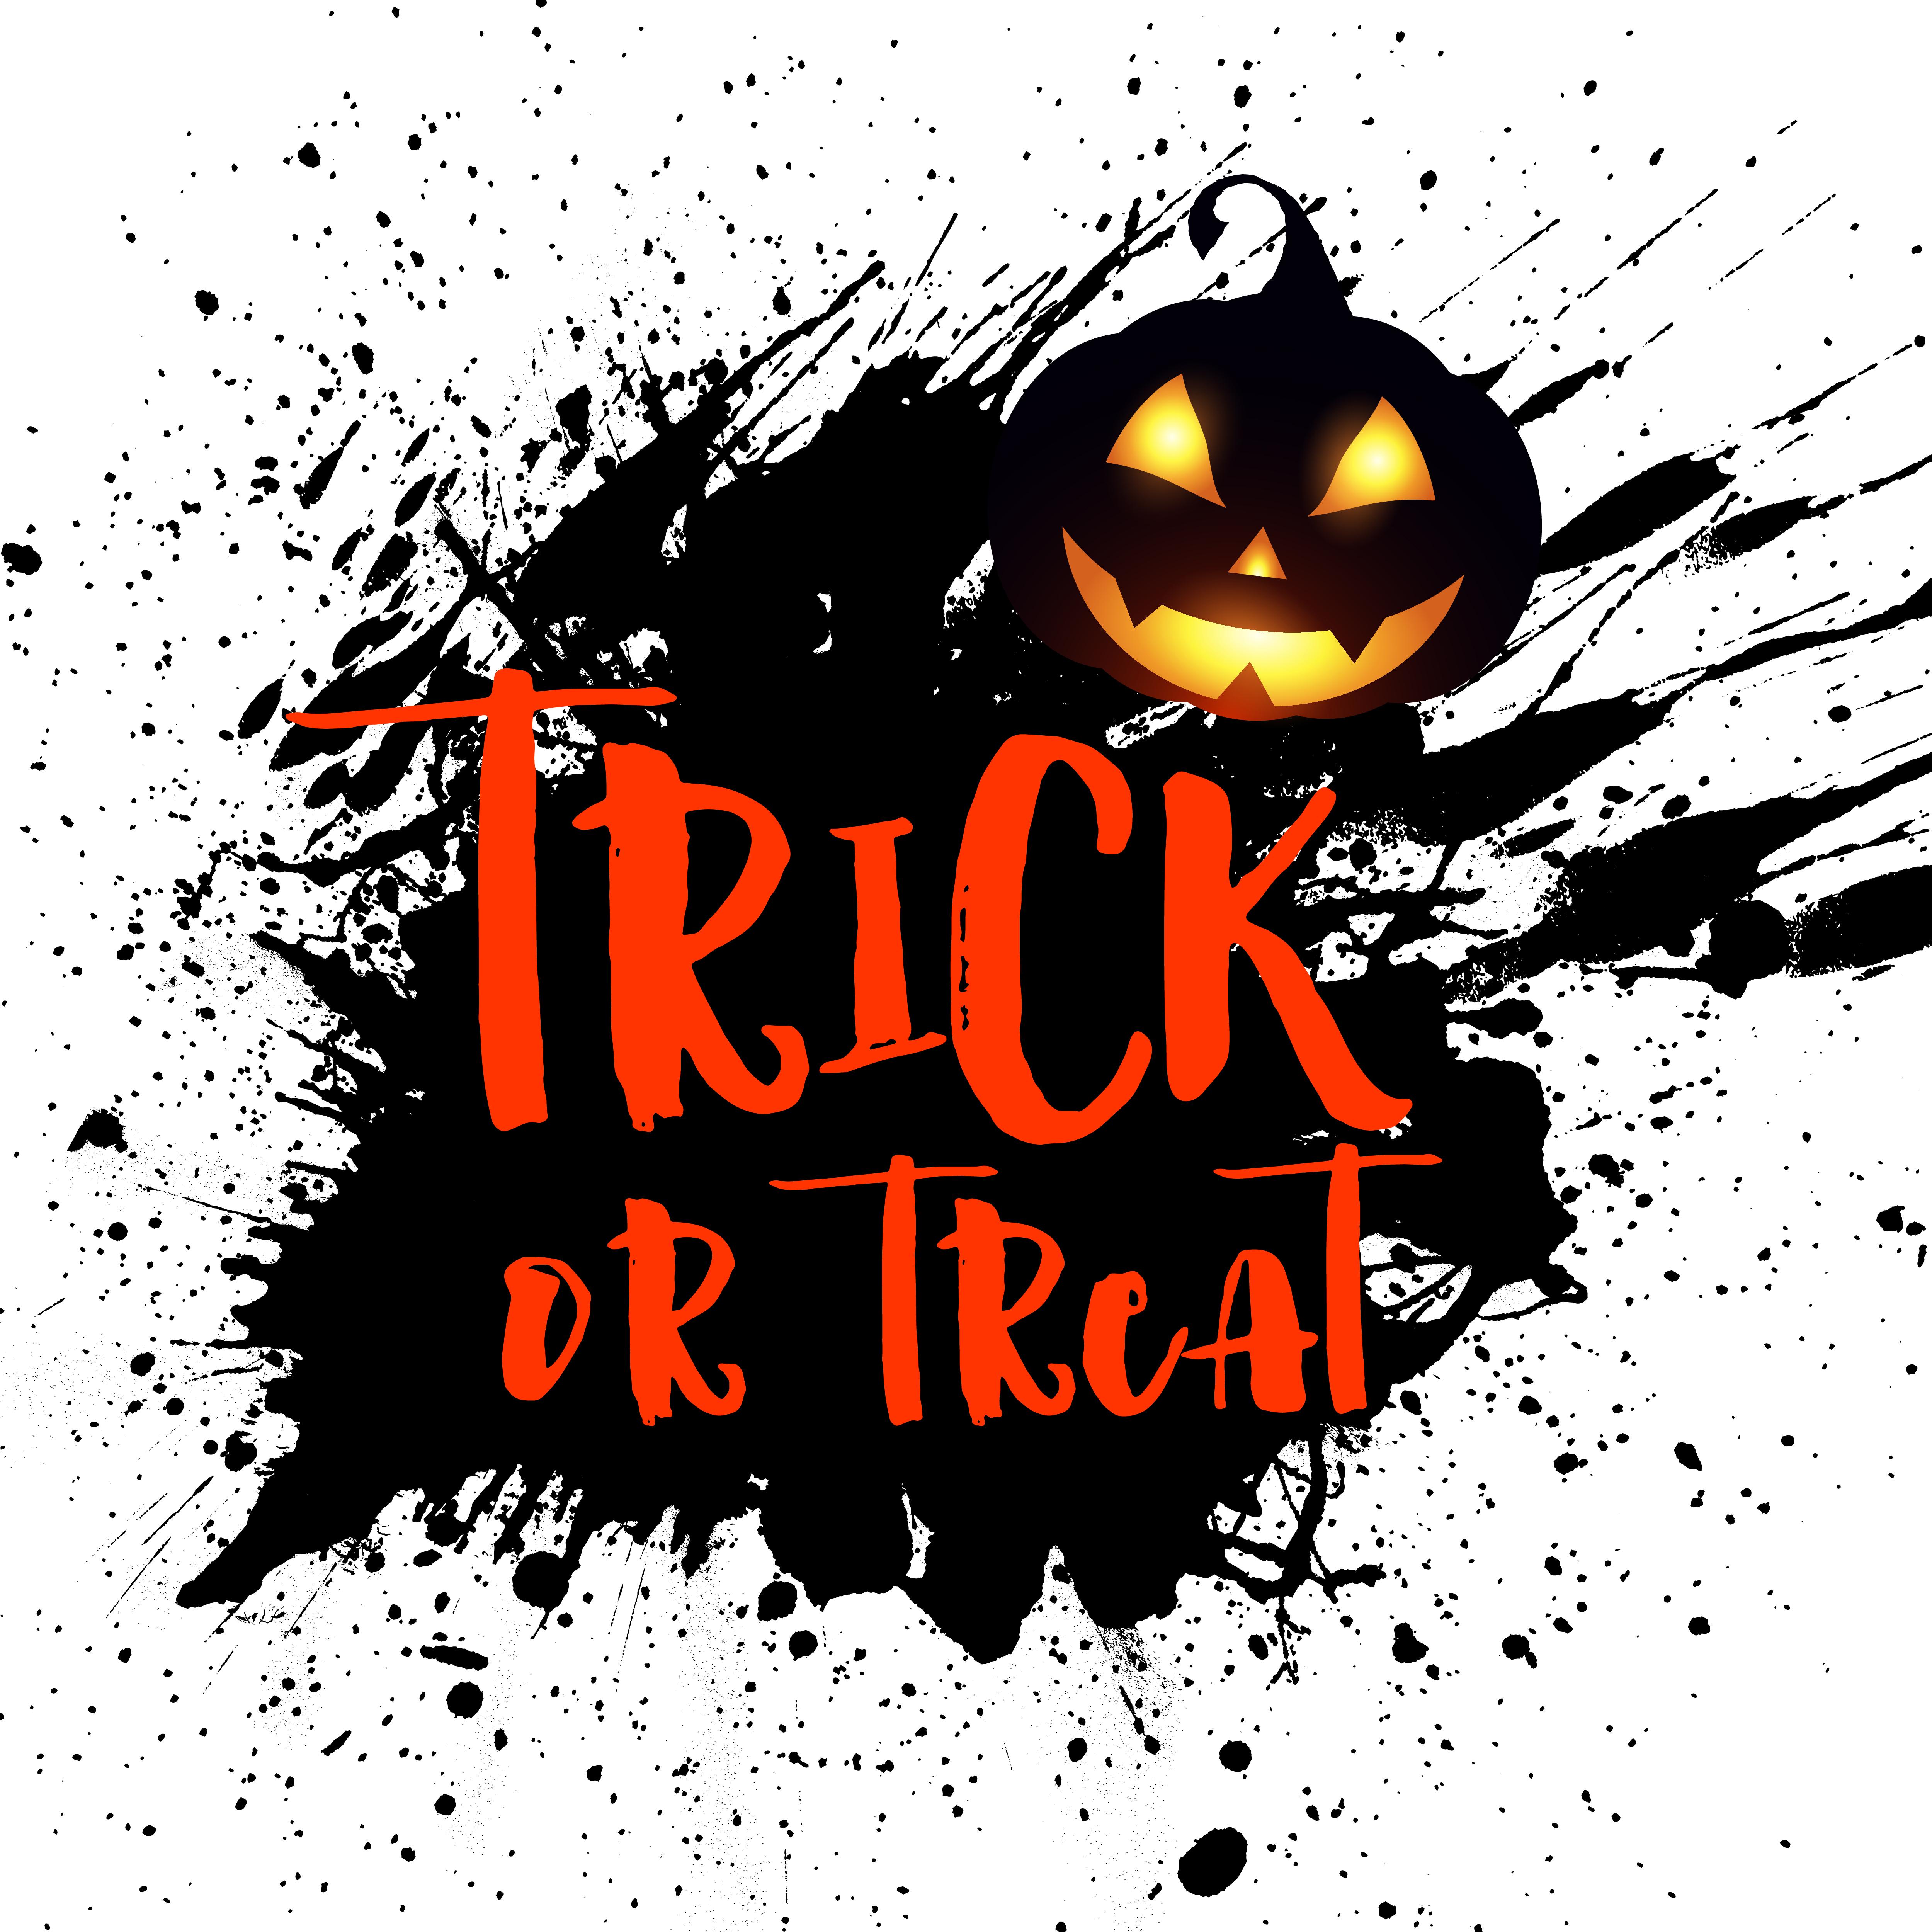 Grunge Halloween background with pumpkin - Download Free ...